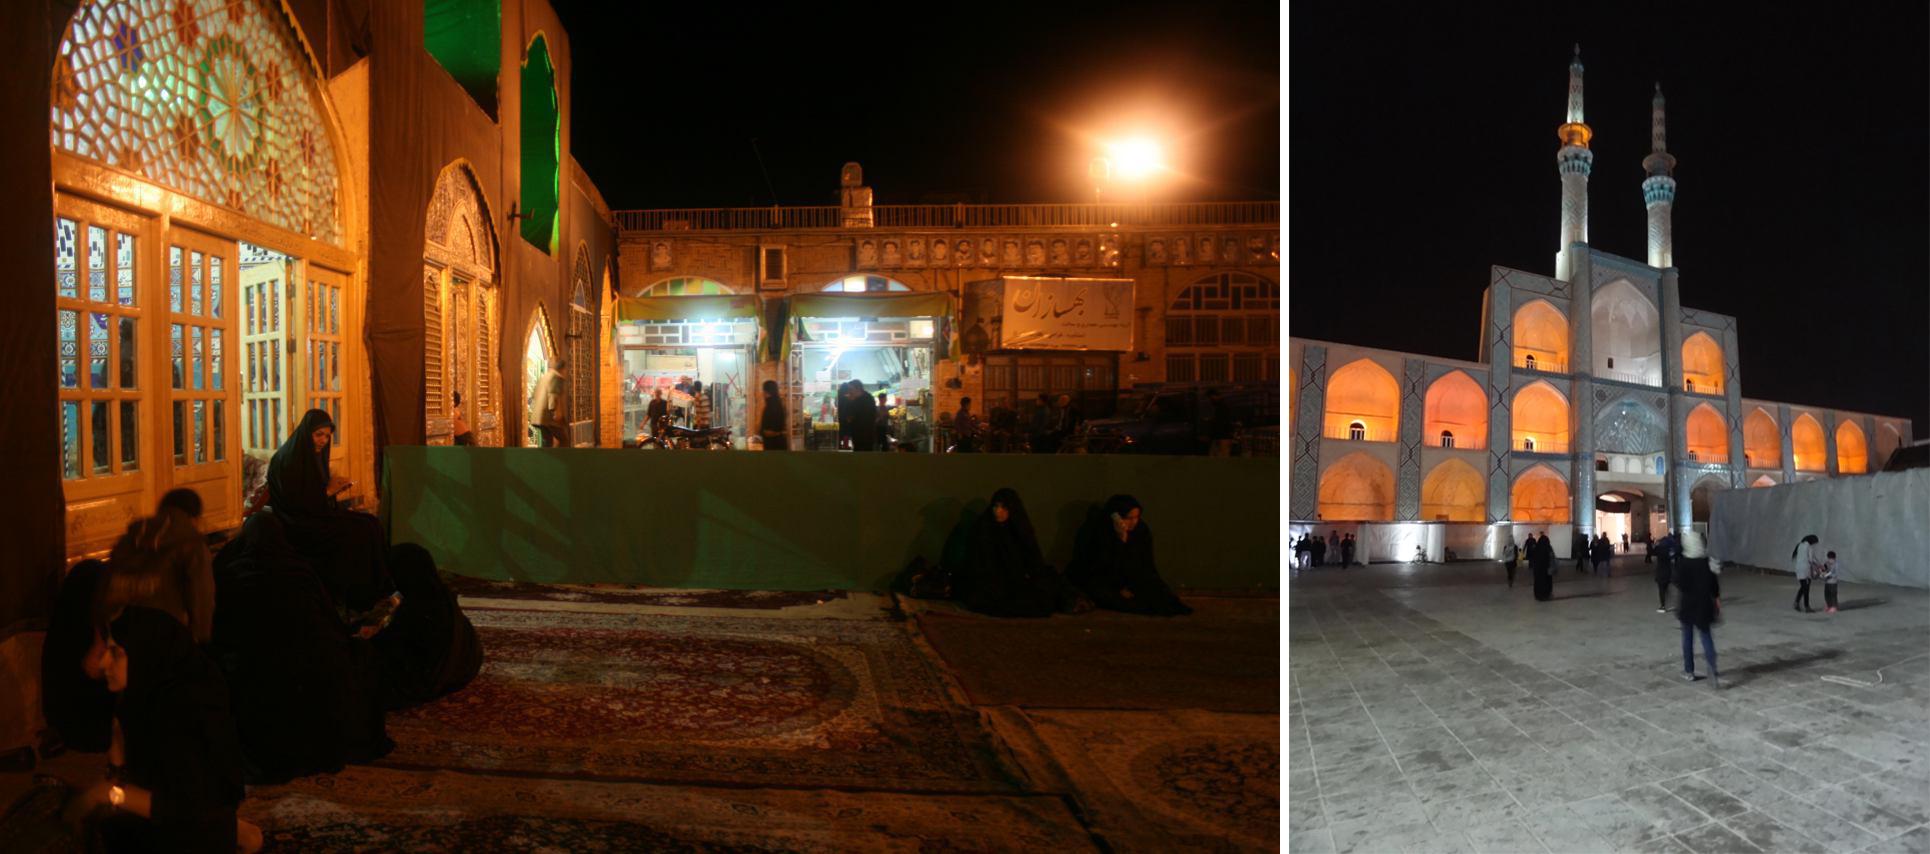 مقایسه پویایی و پاسخدهی به نیاز شهروندان در میدان امیرچخماق یزد و شاه ولی تفت